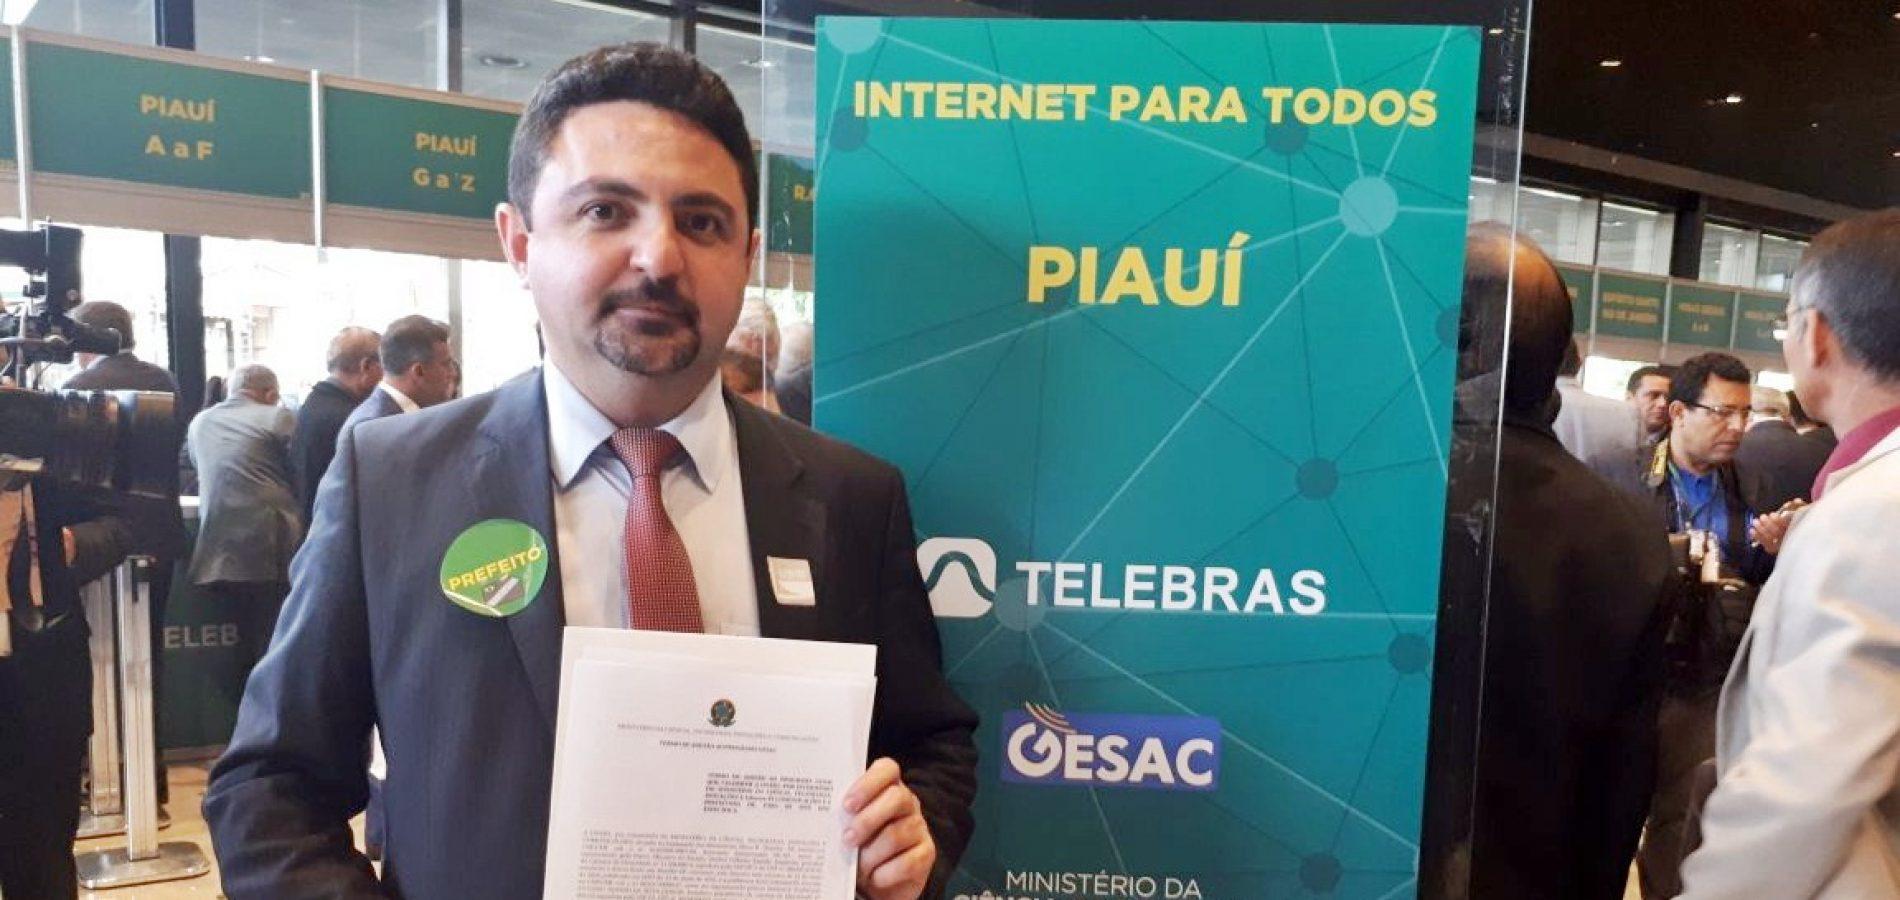 Prefeito Barroso Neto assina adesão e 11 comunidades de Santa Cruz rurais terão internet